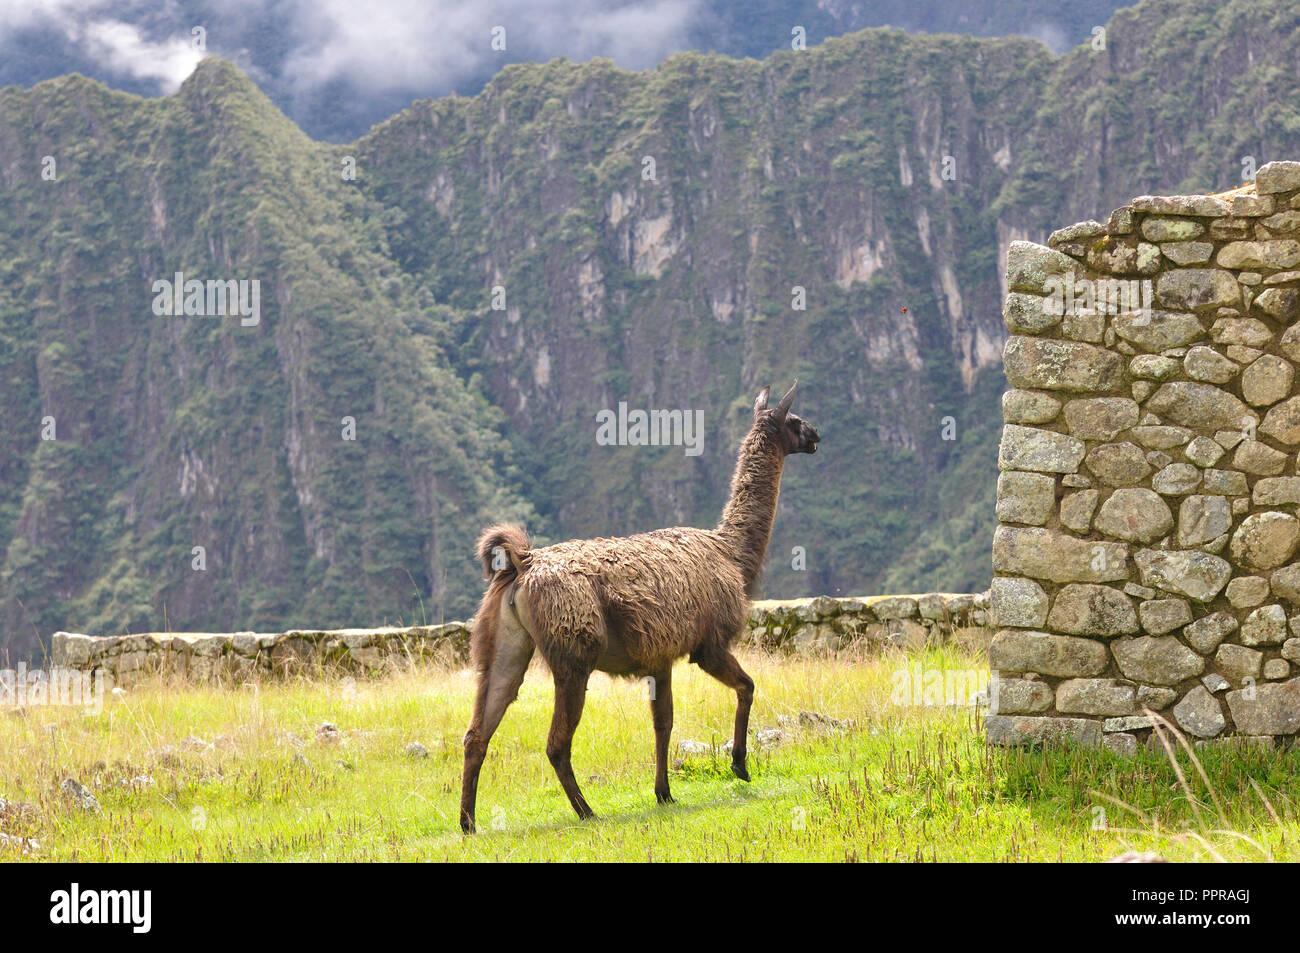 Fotografias diversas; Natureza, vida selvagem, históricos, paisagens prédios e culturas da America do Sul. Imagen De Stock